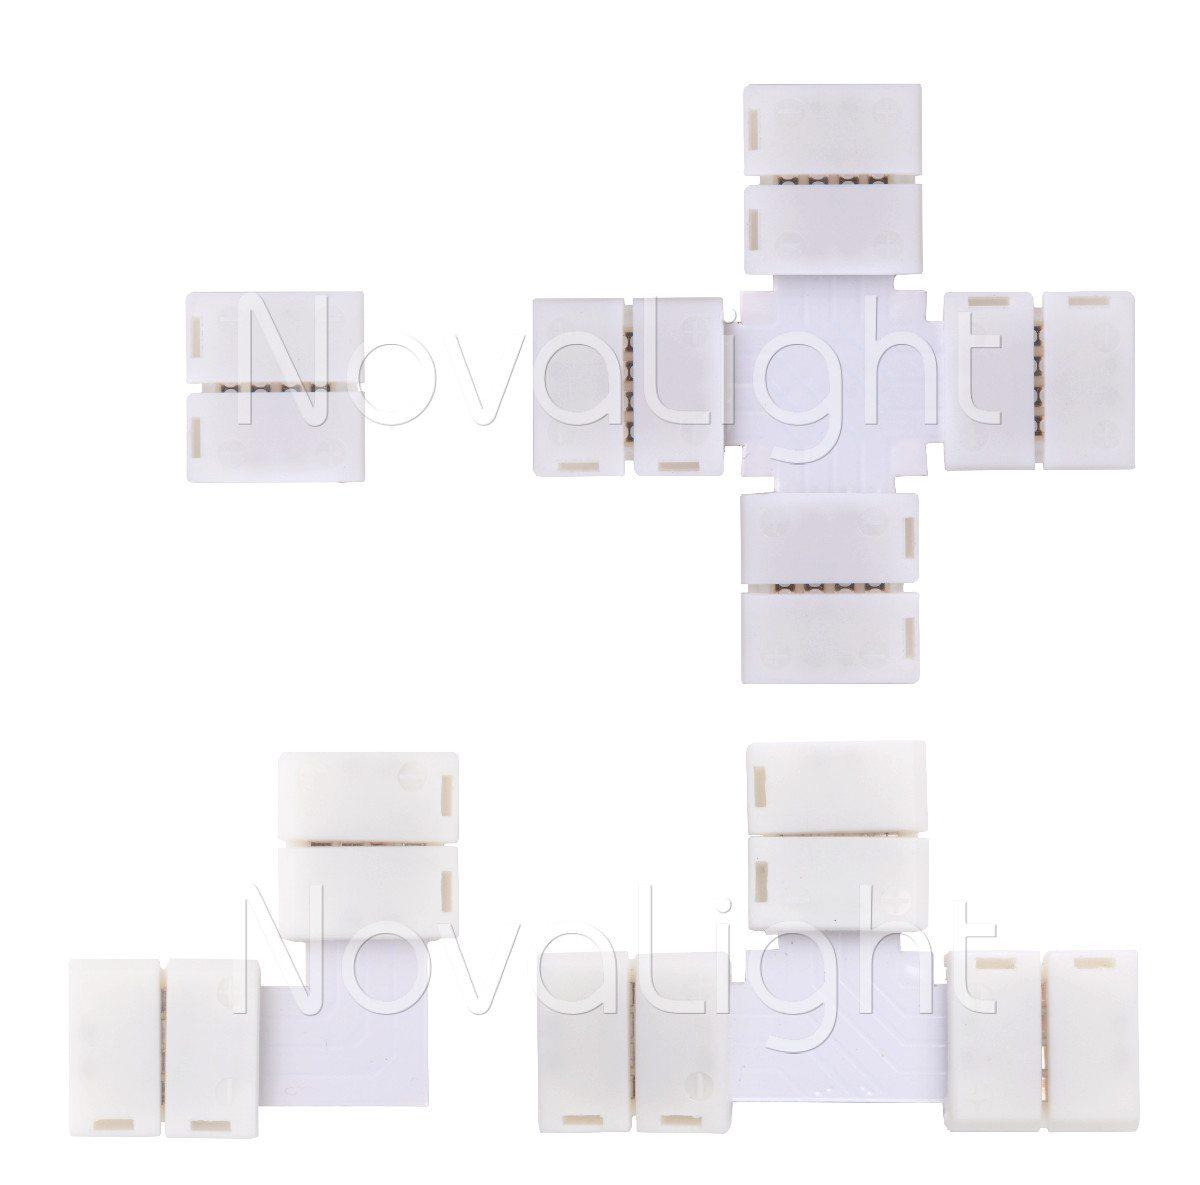 Conectores para realizar conexiones en tiras RGB sin necesidad de Soldar